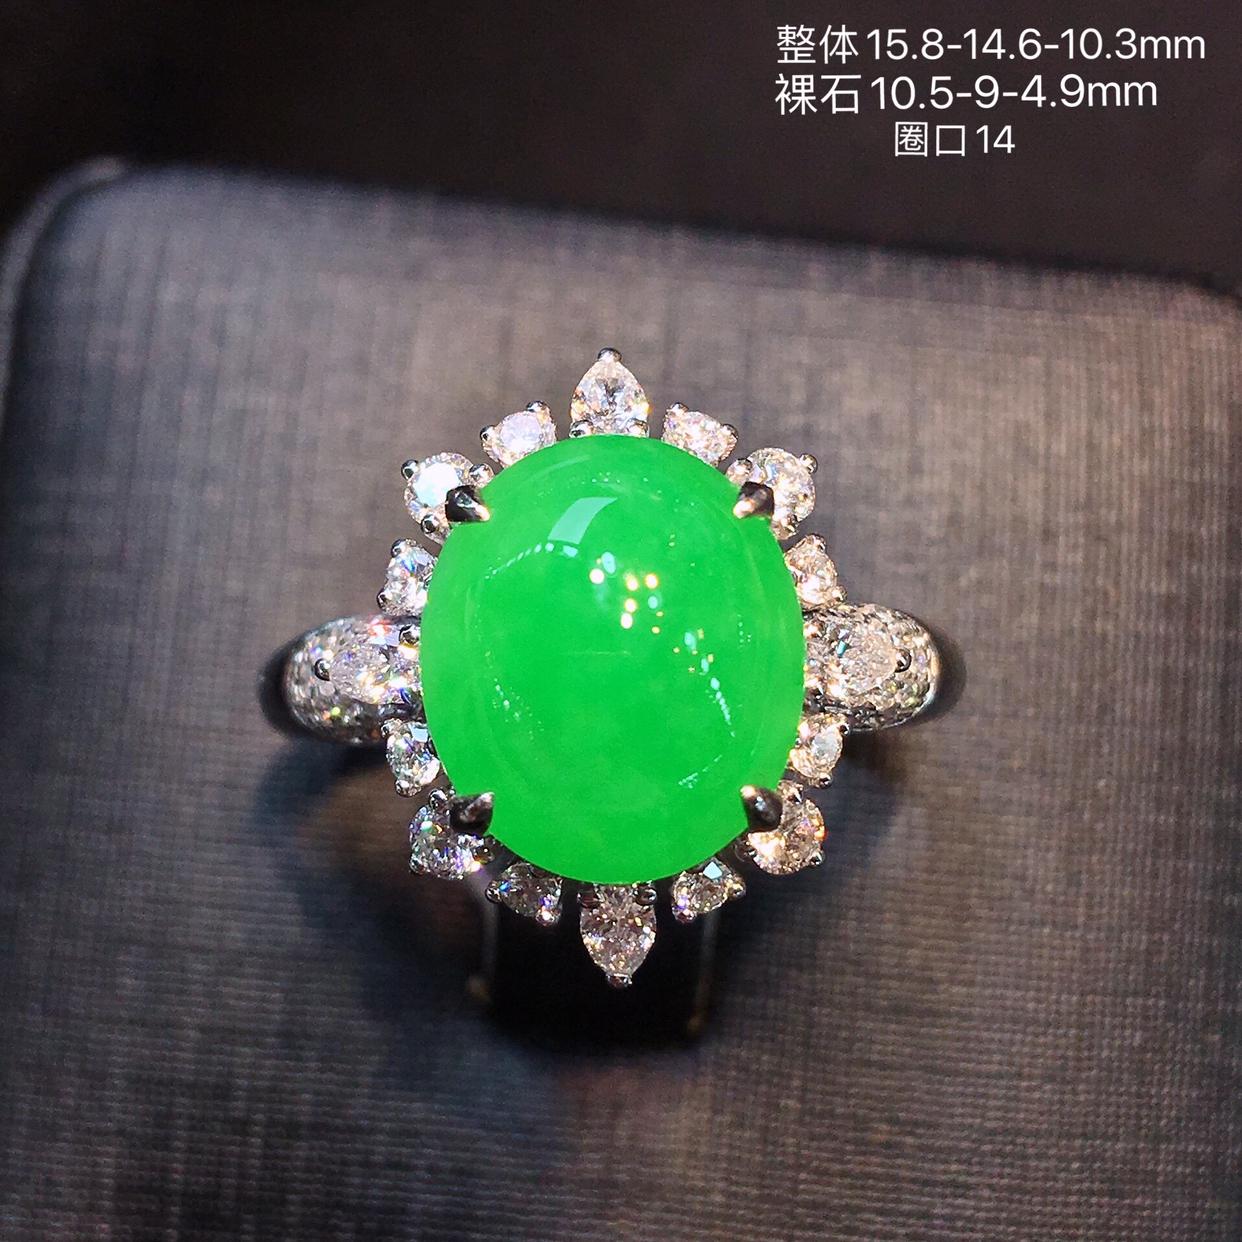 质量推荐正阳绿色满绿戒指,颜色鲜艳明媚,翠色动人,蛋面圆鼓鼓,饱满,18k金镶嵌钻石,裸石10.5